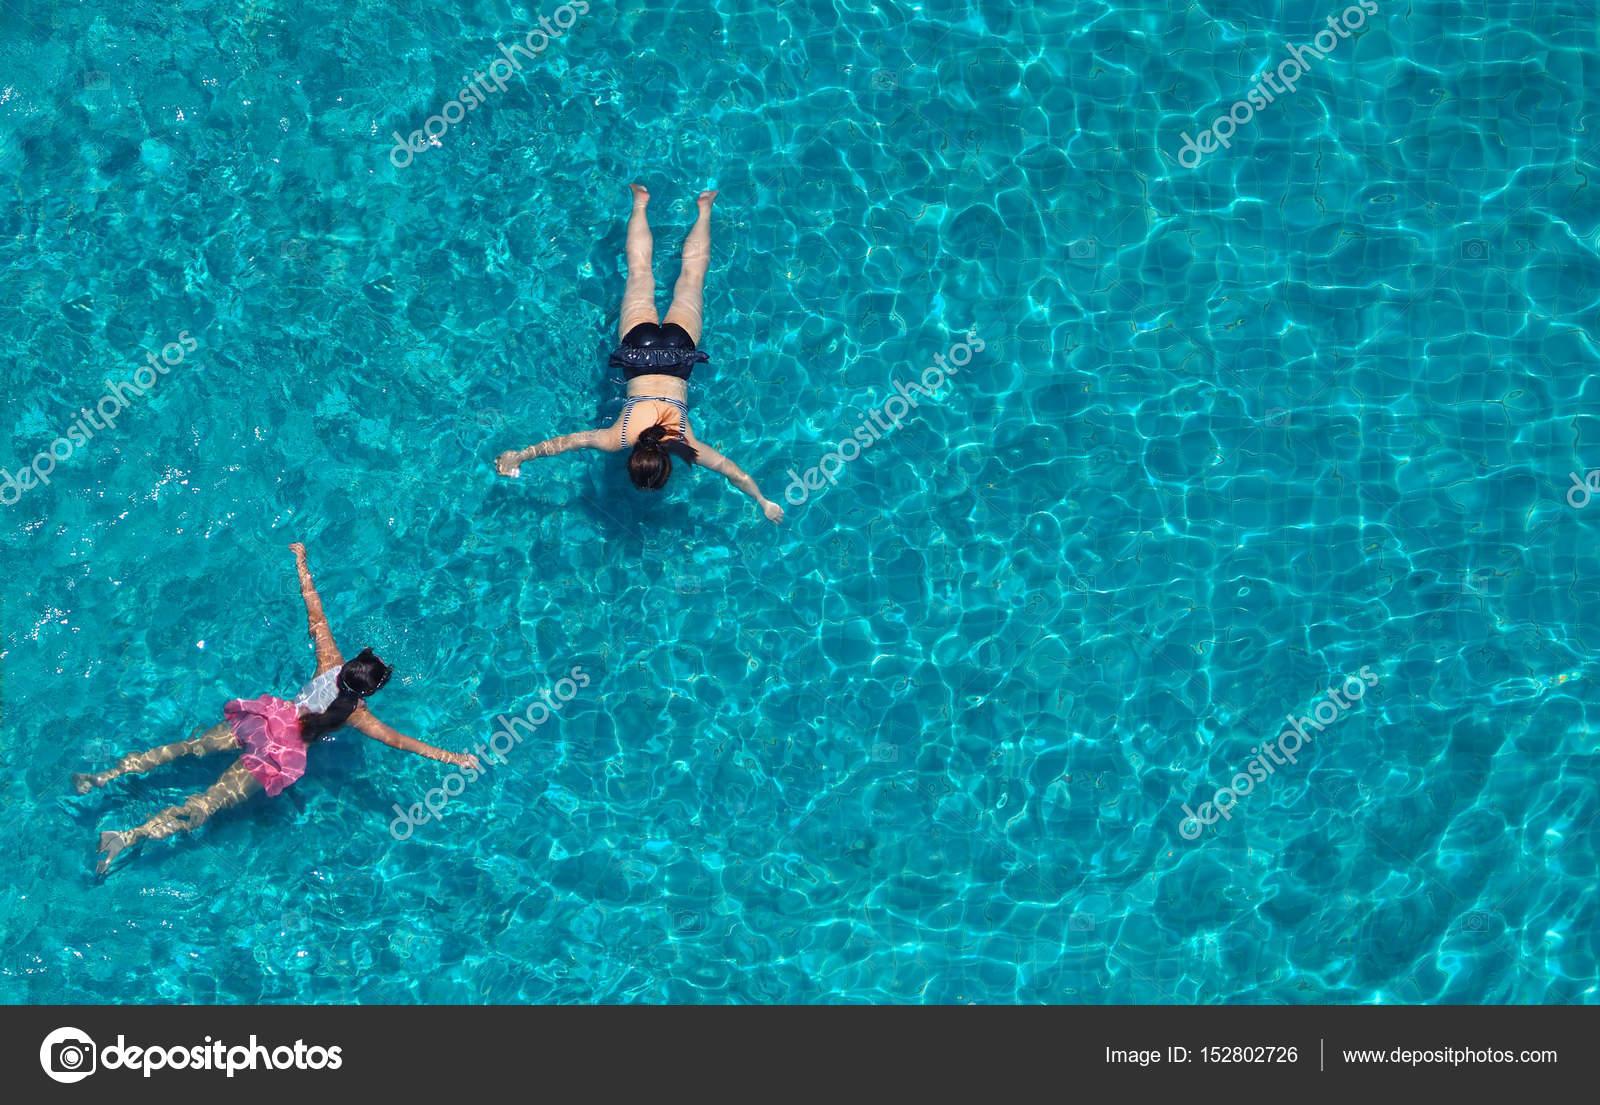 Imágenes: Personas Nadando